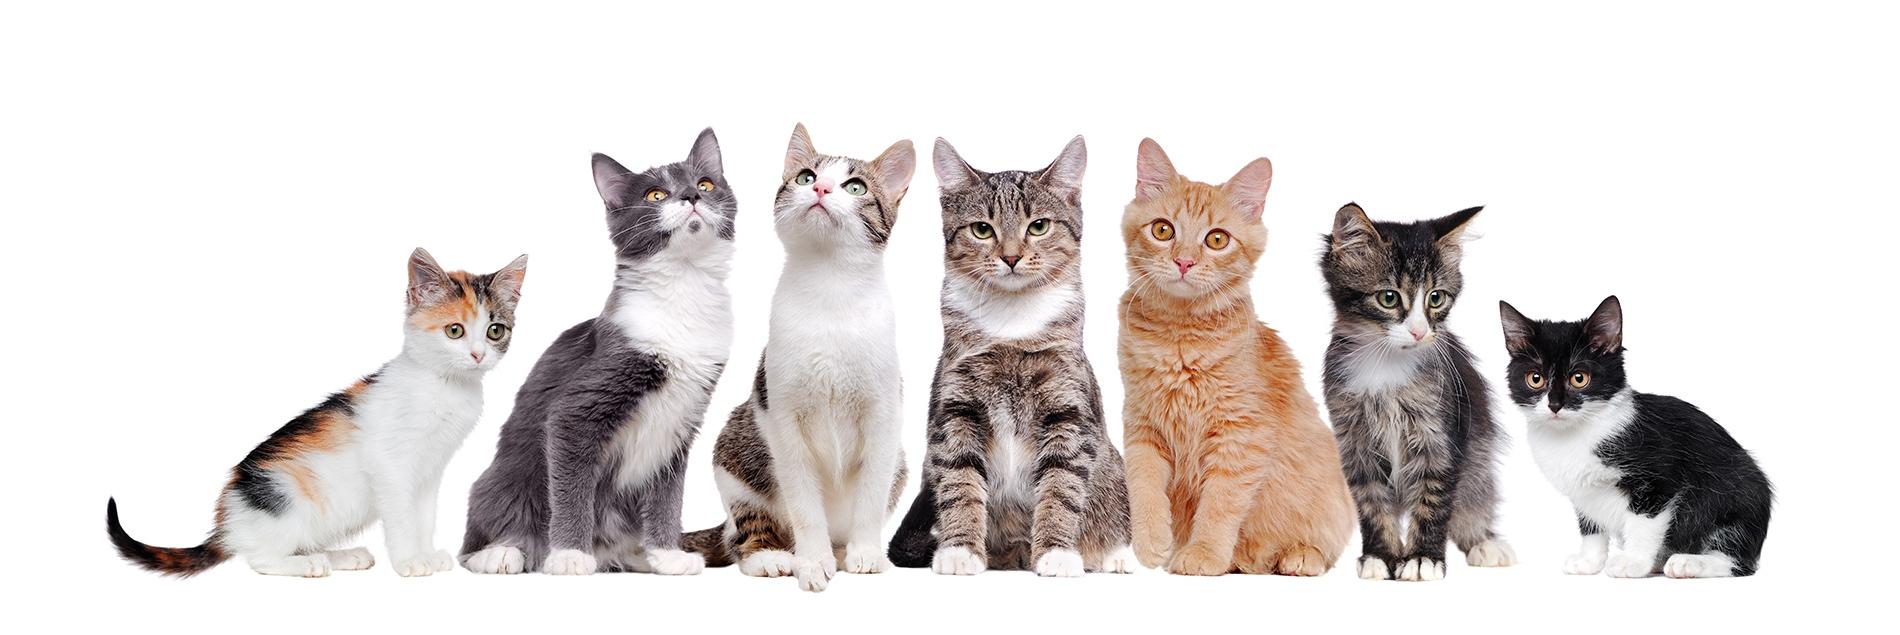 Лучанка, щоб утримувати 50 котів, щомісяця витрачає 15 тисяч гривень